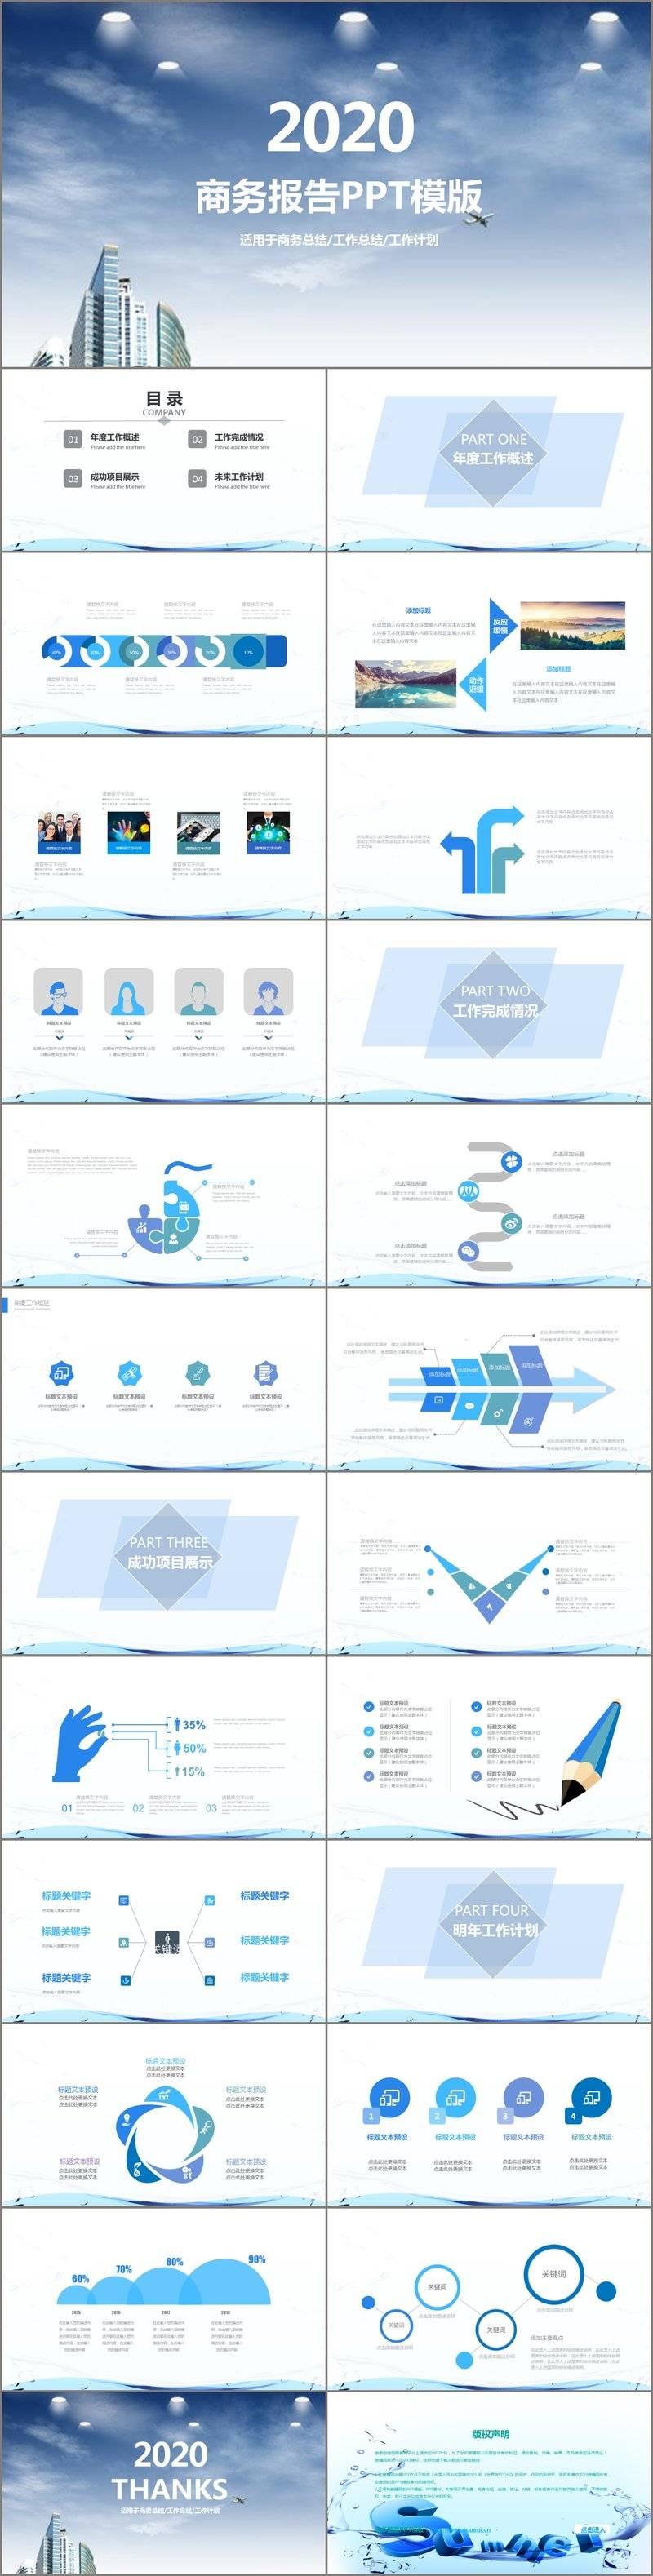 工作计划总结汇报通用 免费 动画效果设计 动态幻灯片 背景素材设计